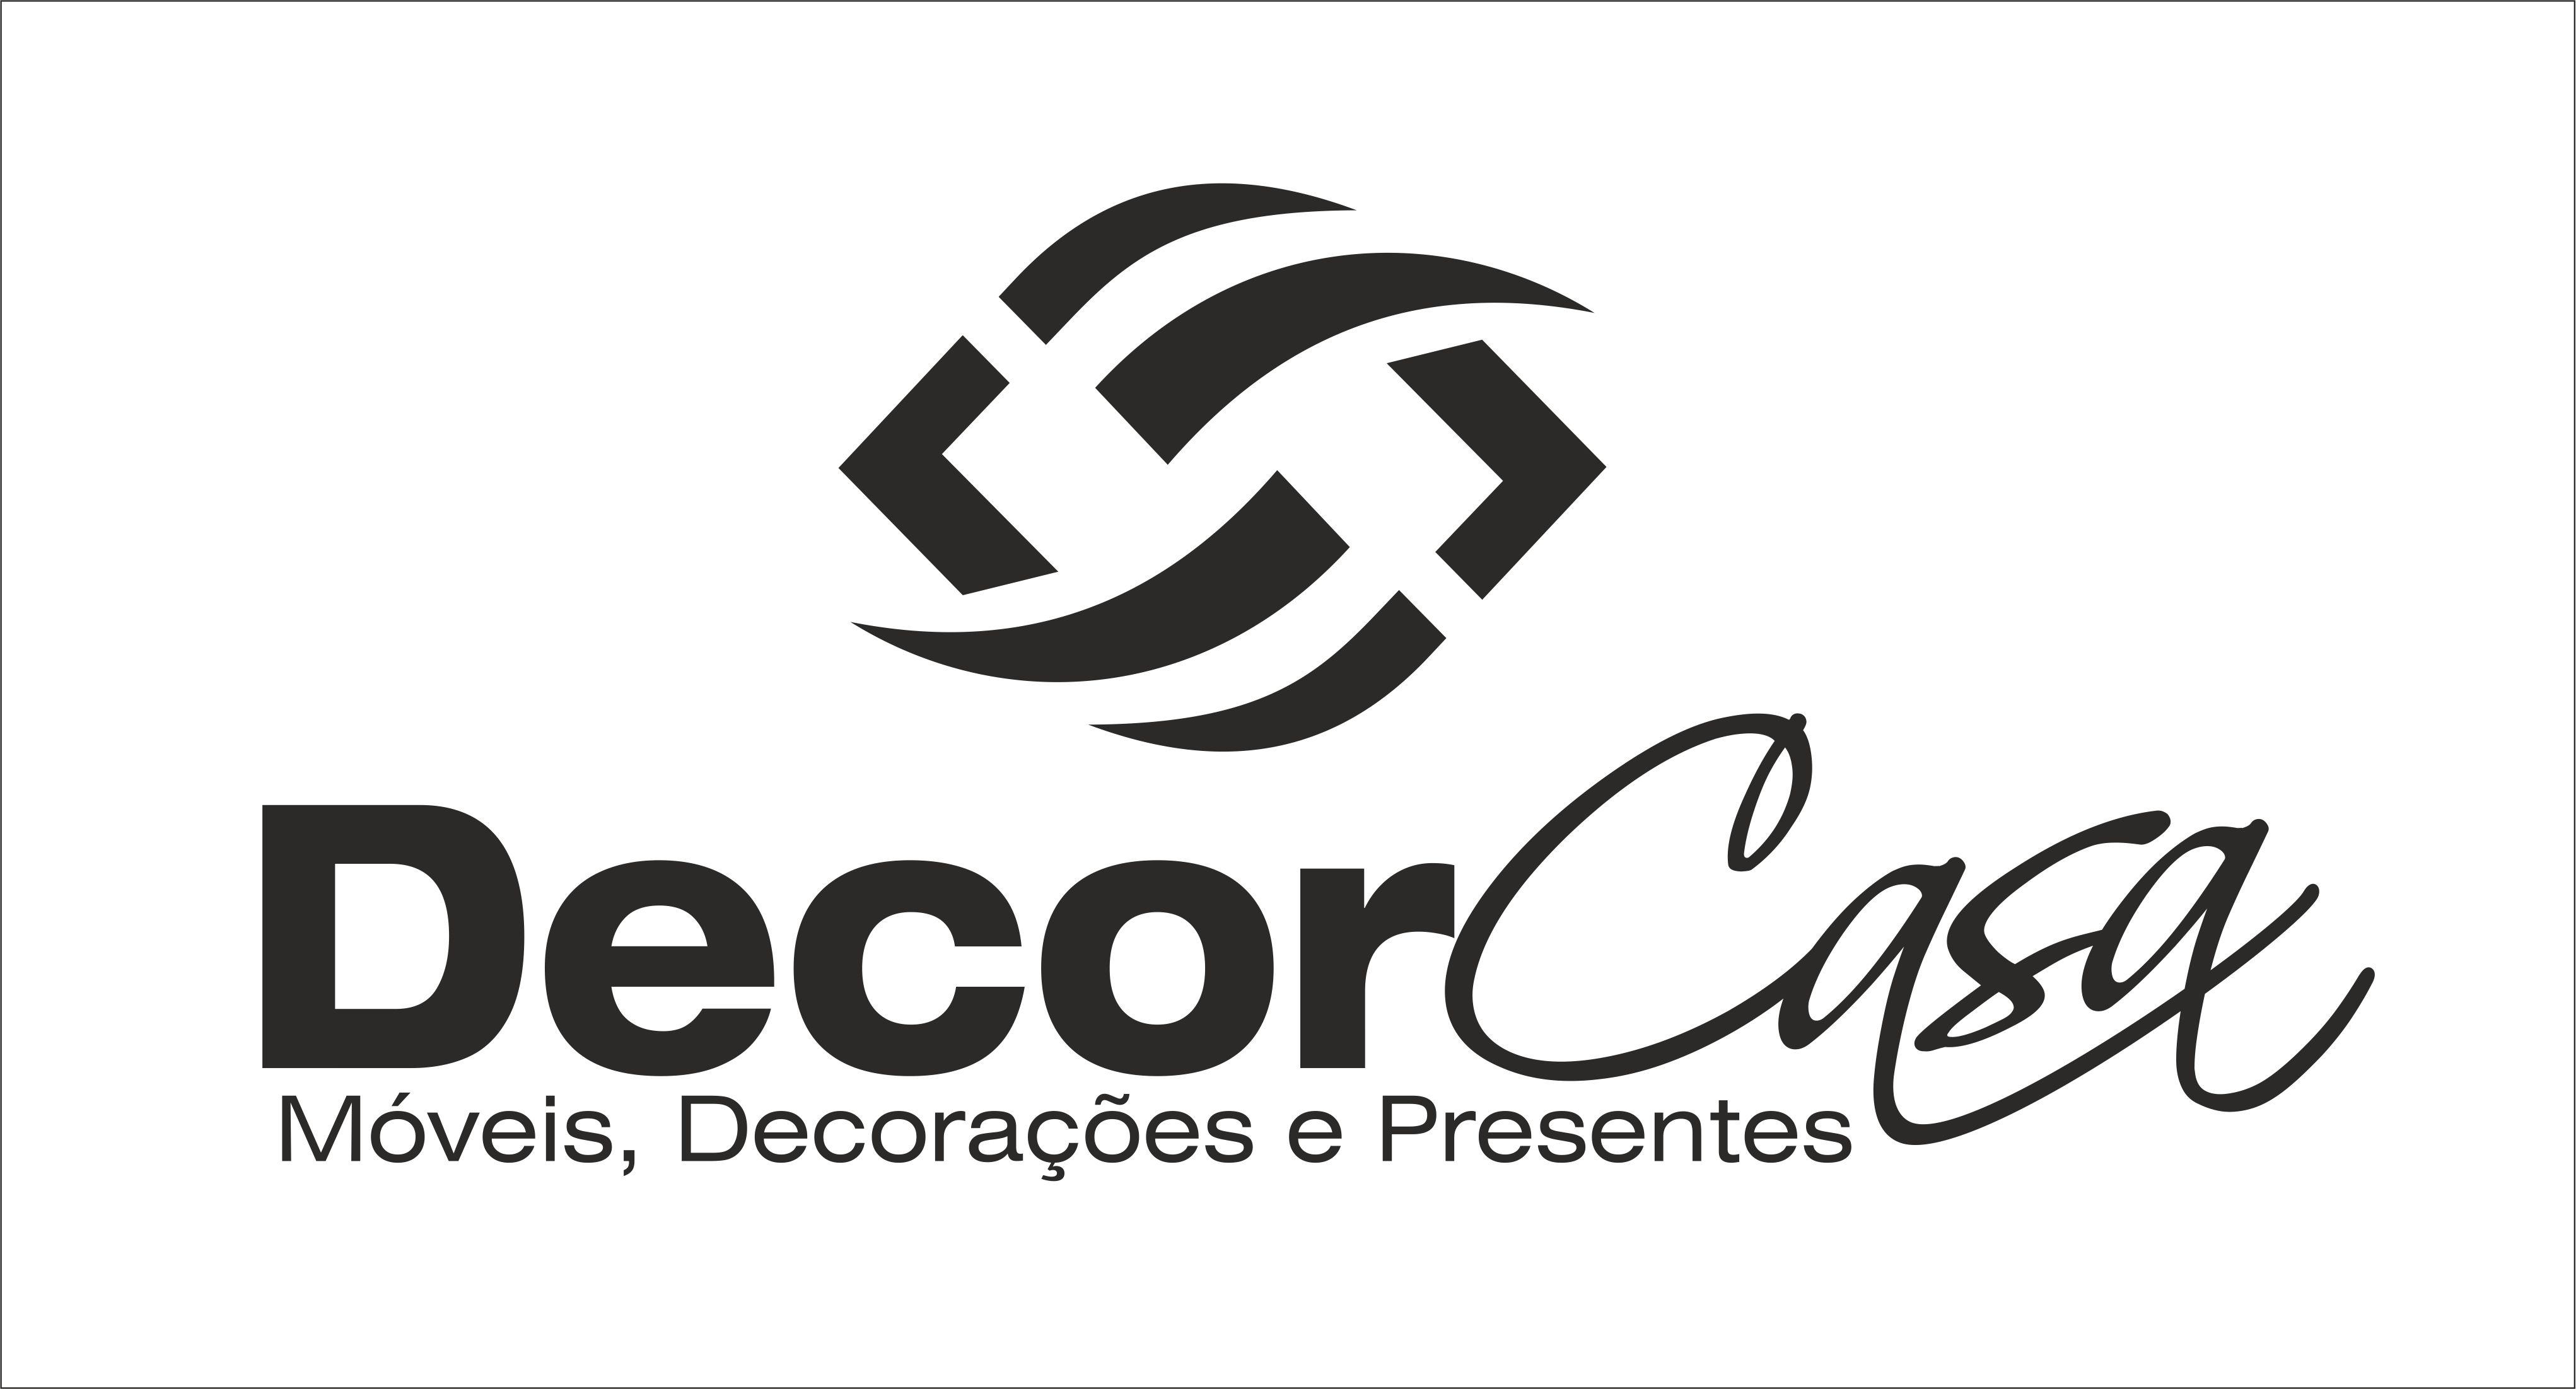 DecorCasa